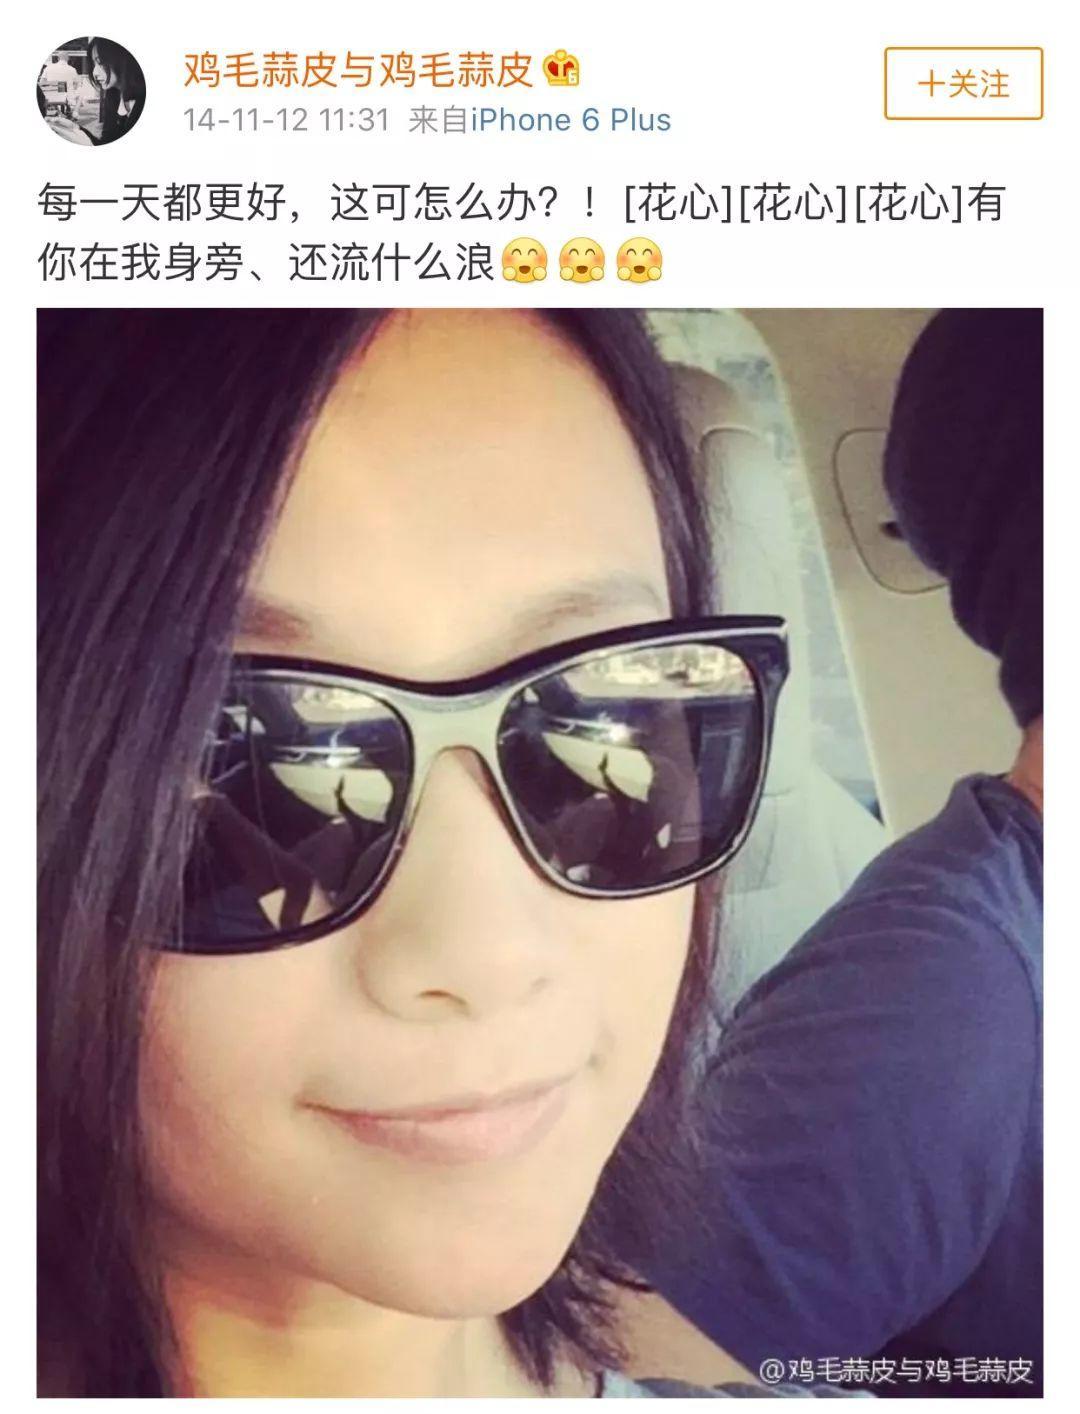 """徐静蕾恋爱9年首次秀恩爱,""""我时常有病,你永远有药""""代表爱情最好的境界"""